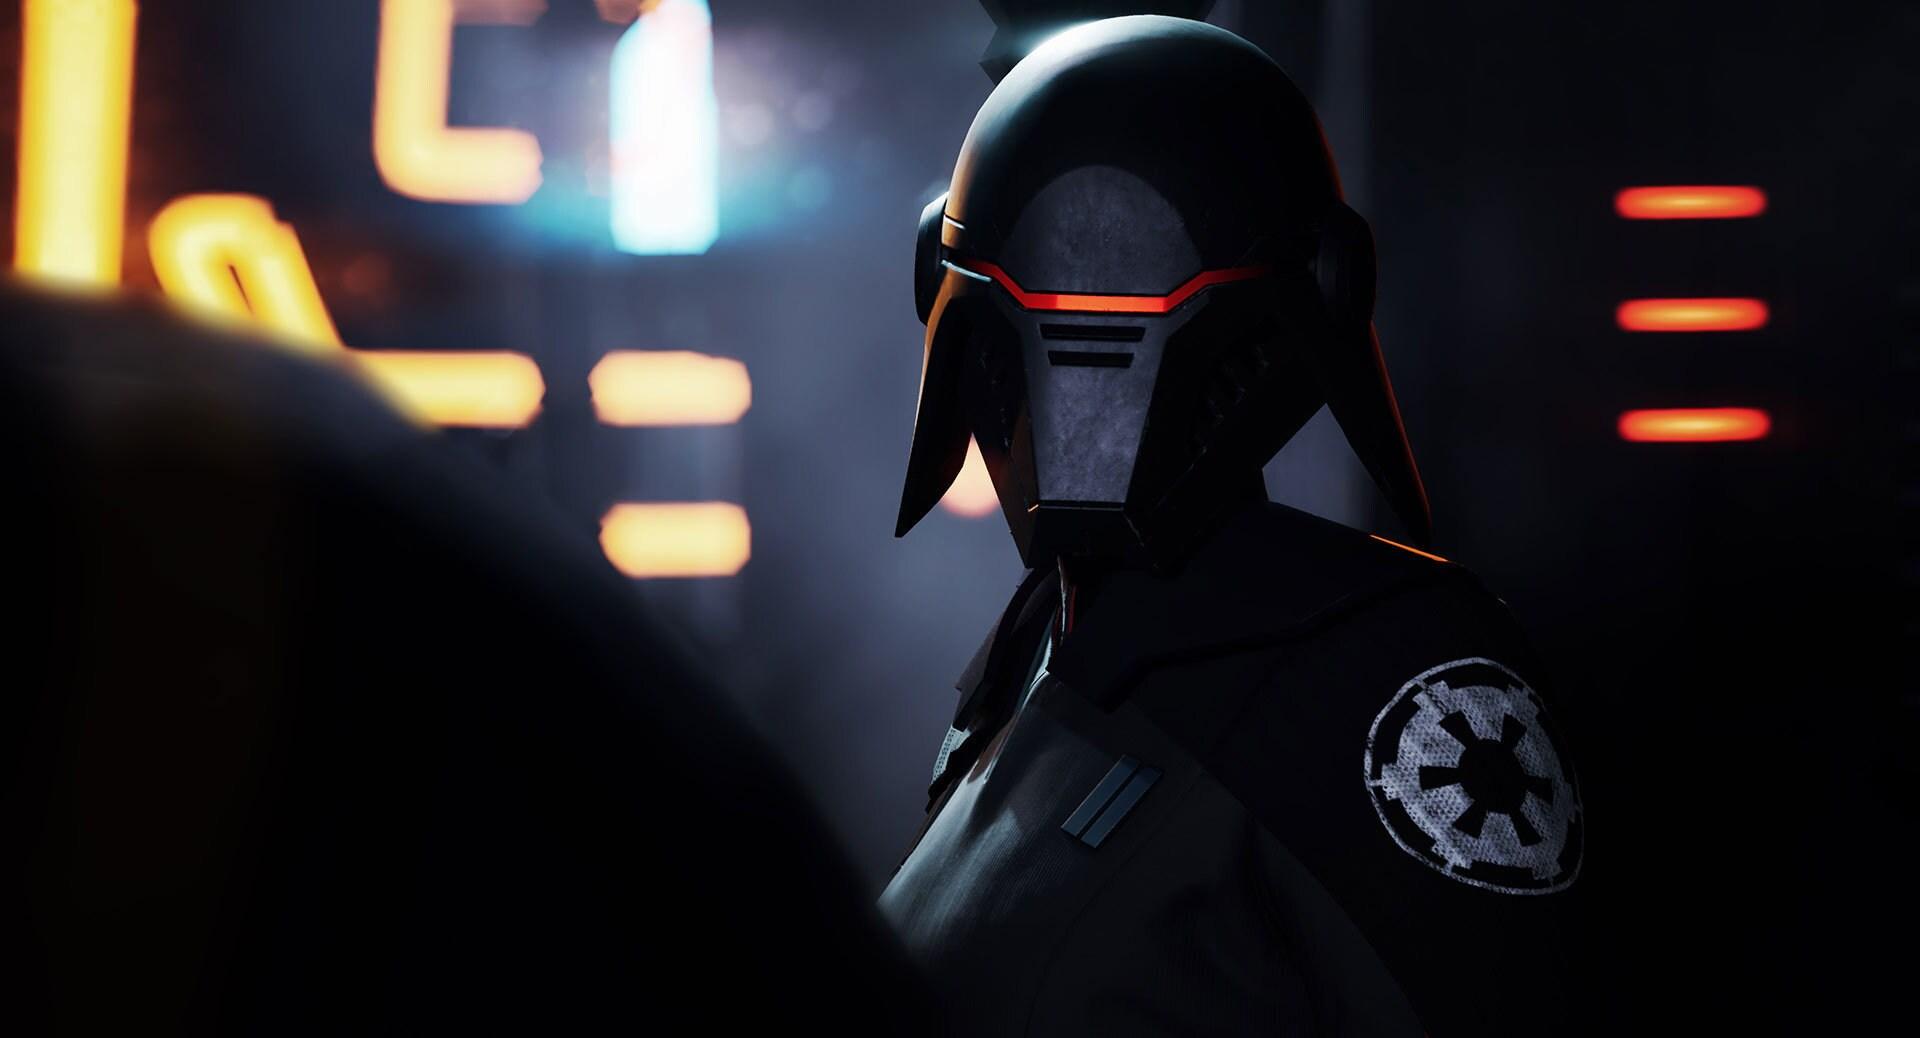 Jedi: Fallen Order preview